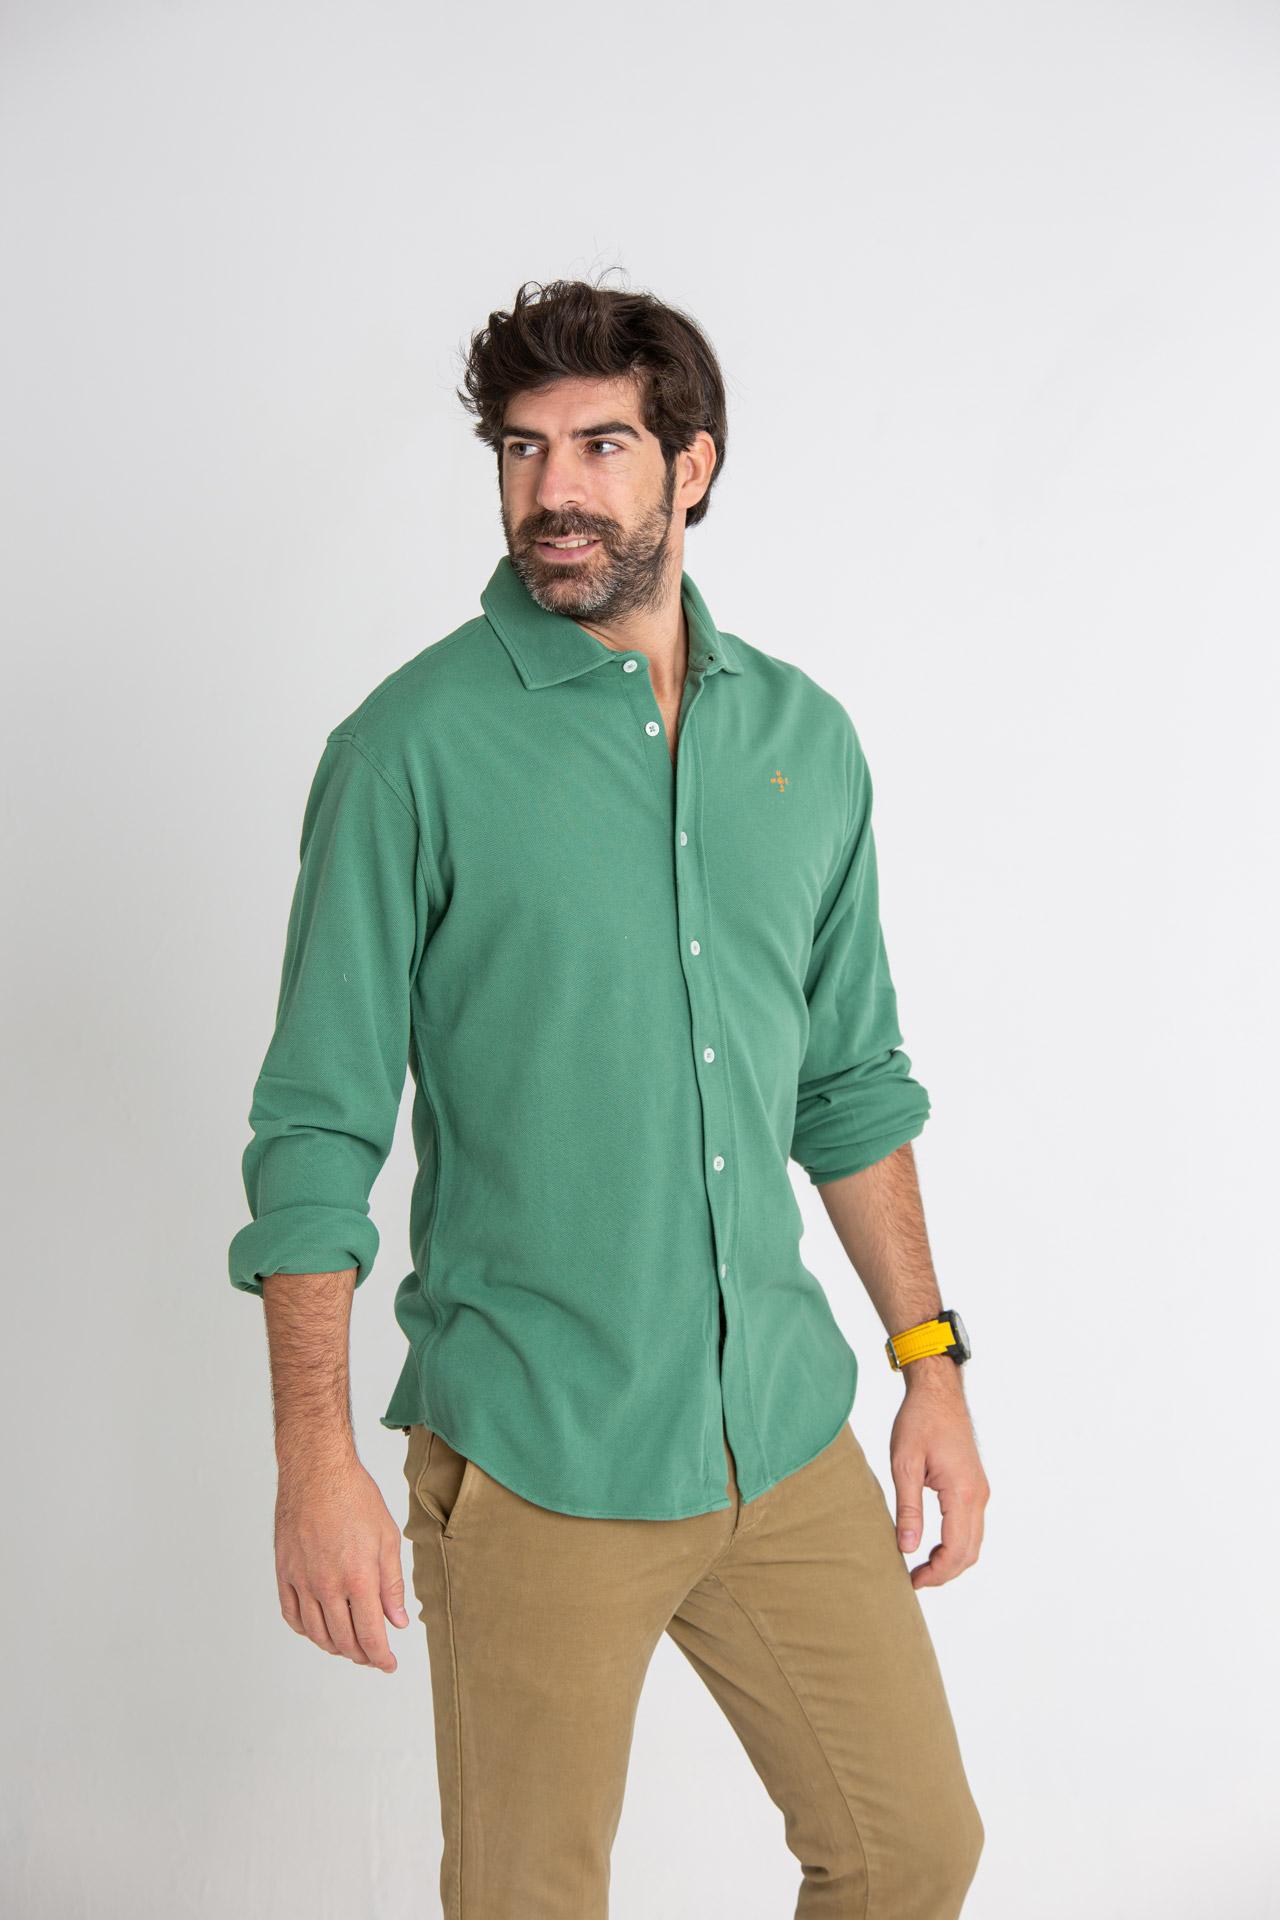 Modelo masculino con camisa de color verde oliva